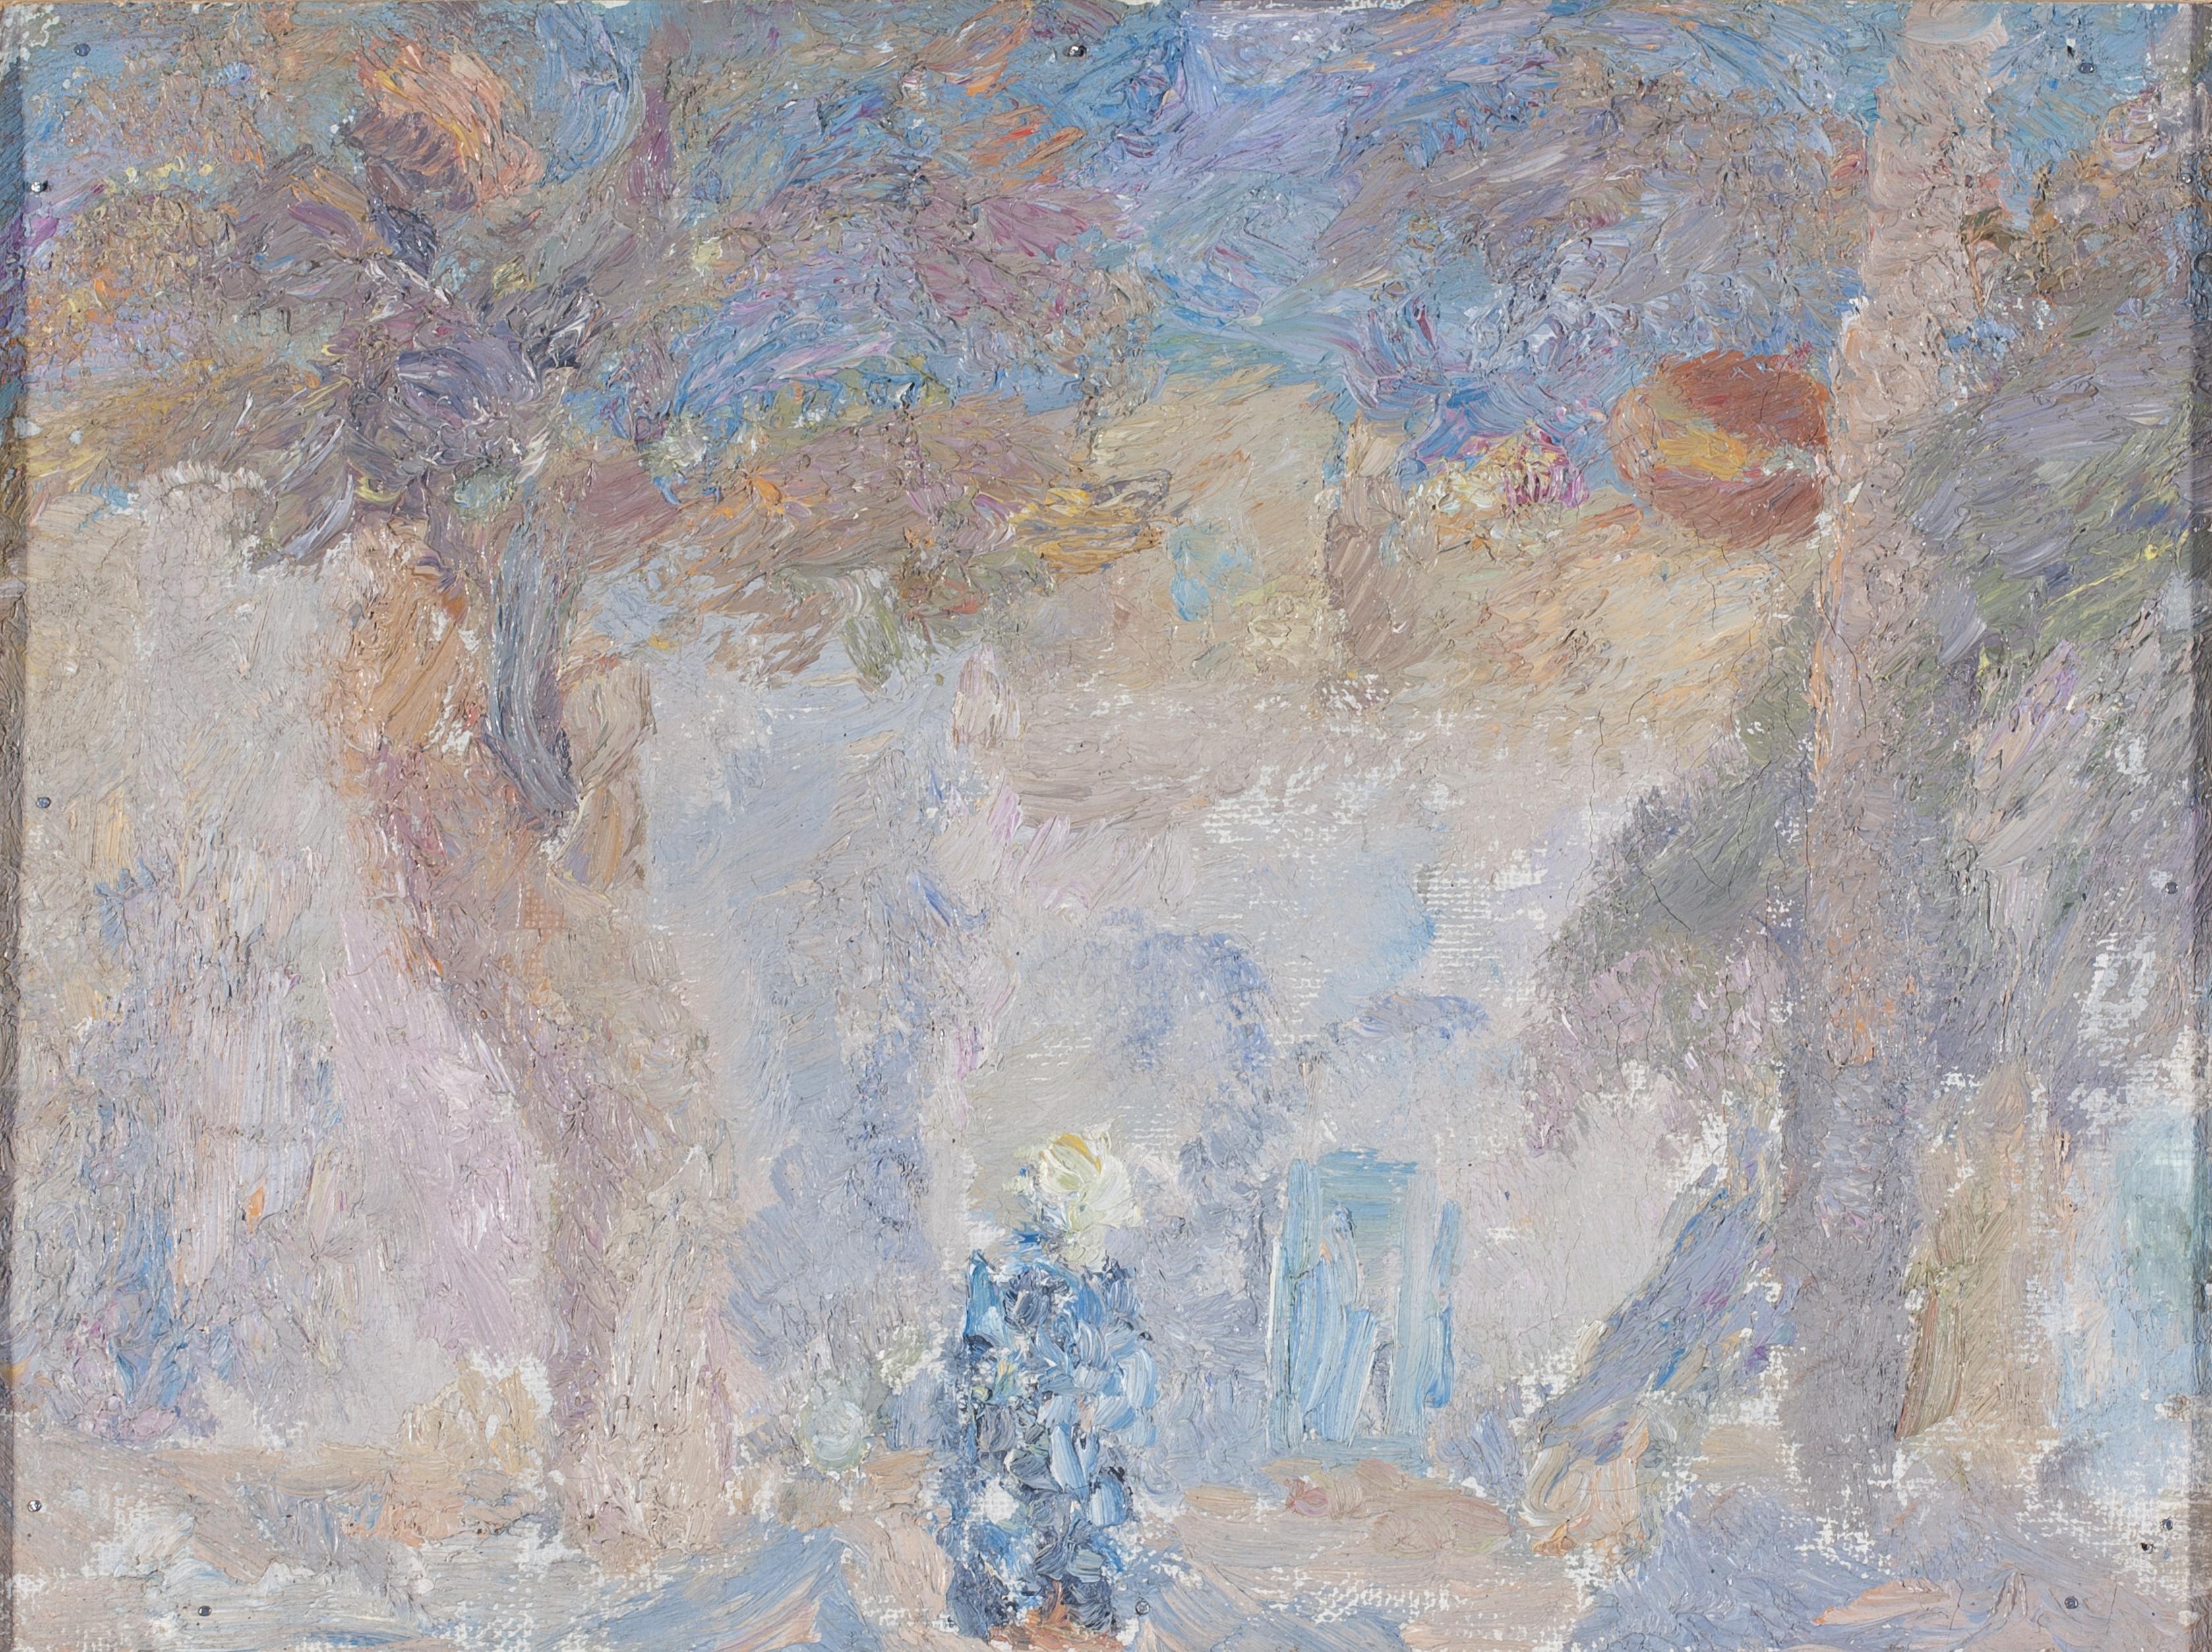 екатерина григорьева с дорожным знаком.jpg